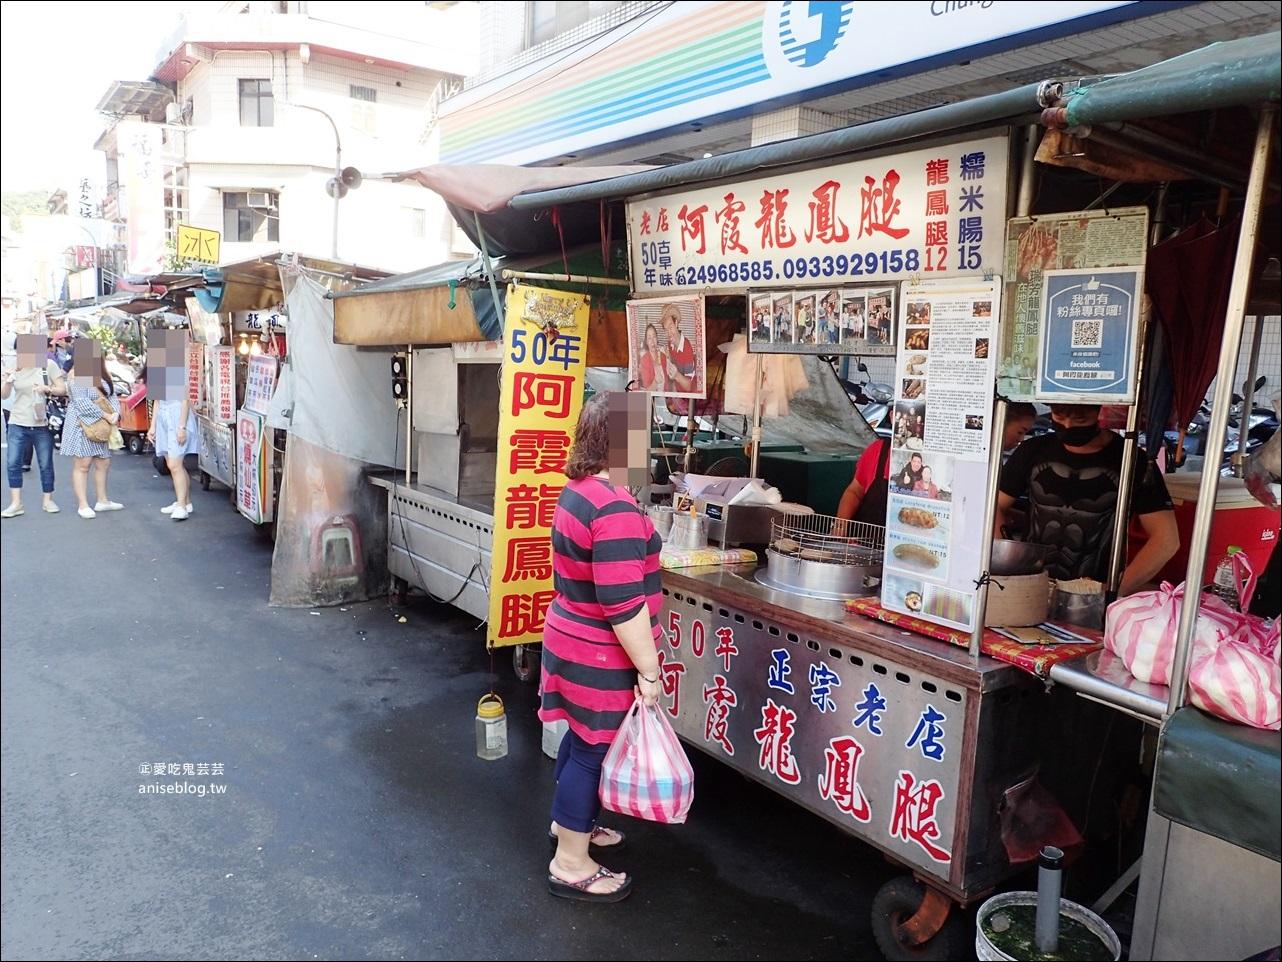 瑞芳美食廣場21號米苔目、阿霞龍鳳腿,食尚玩家推薦在地小吃,瑞芳車站美食(姊姊食記)